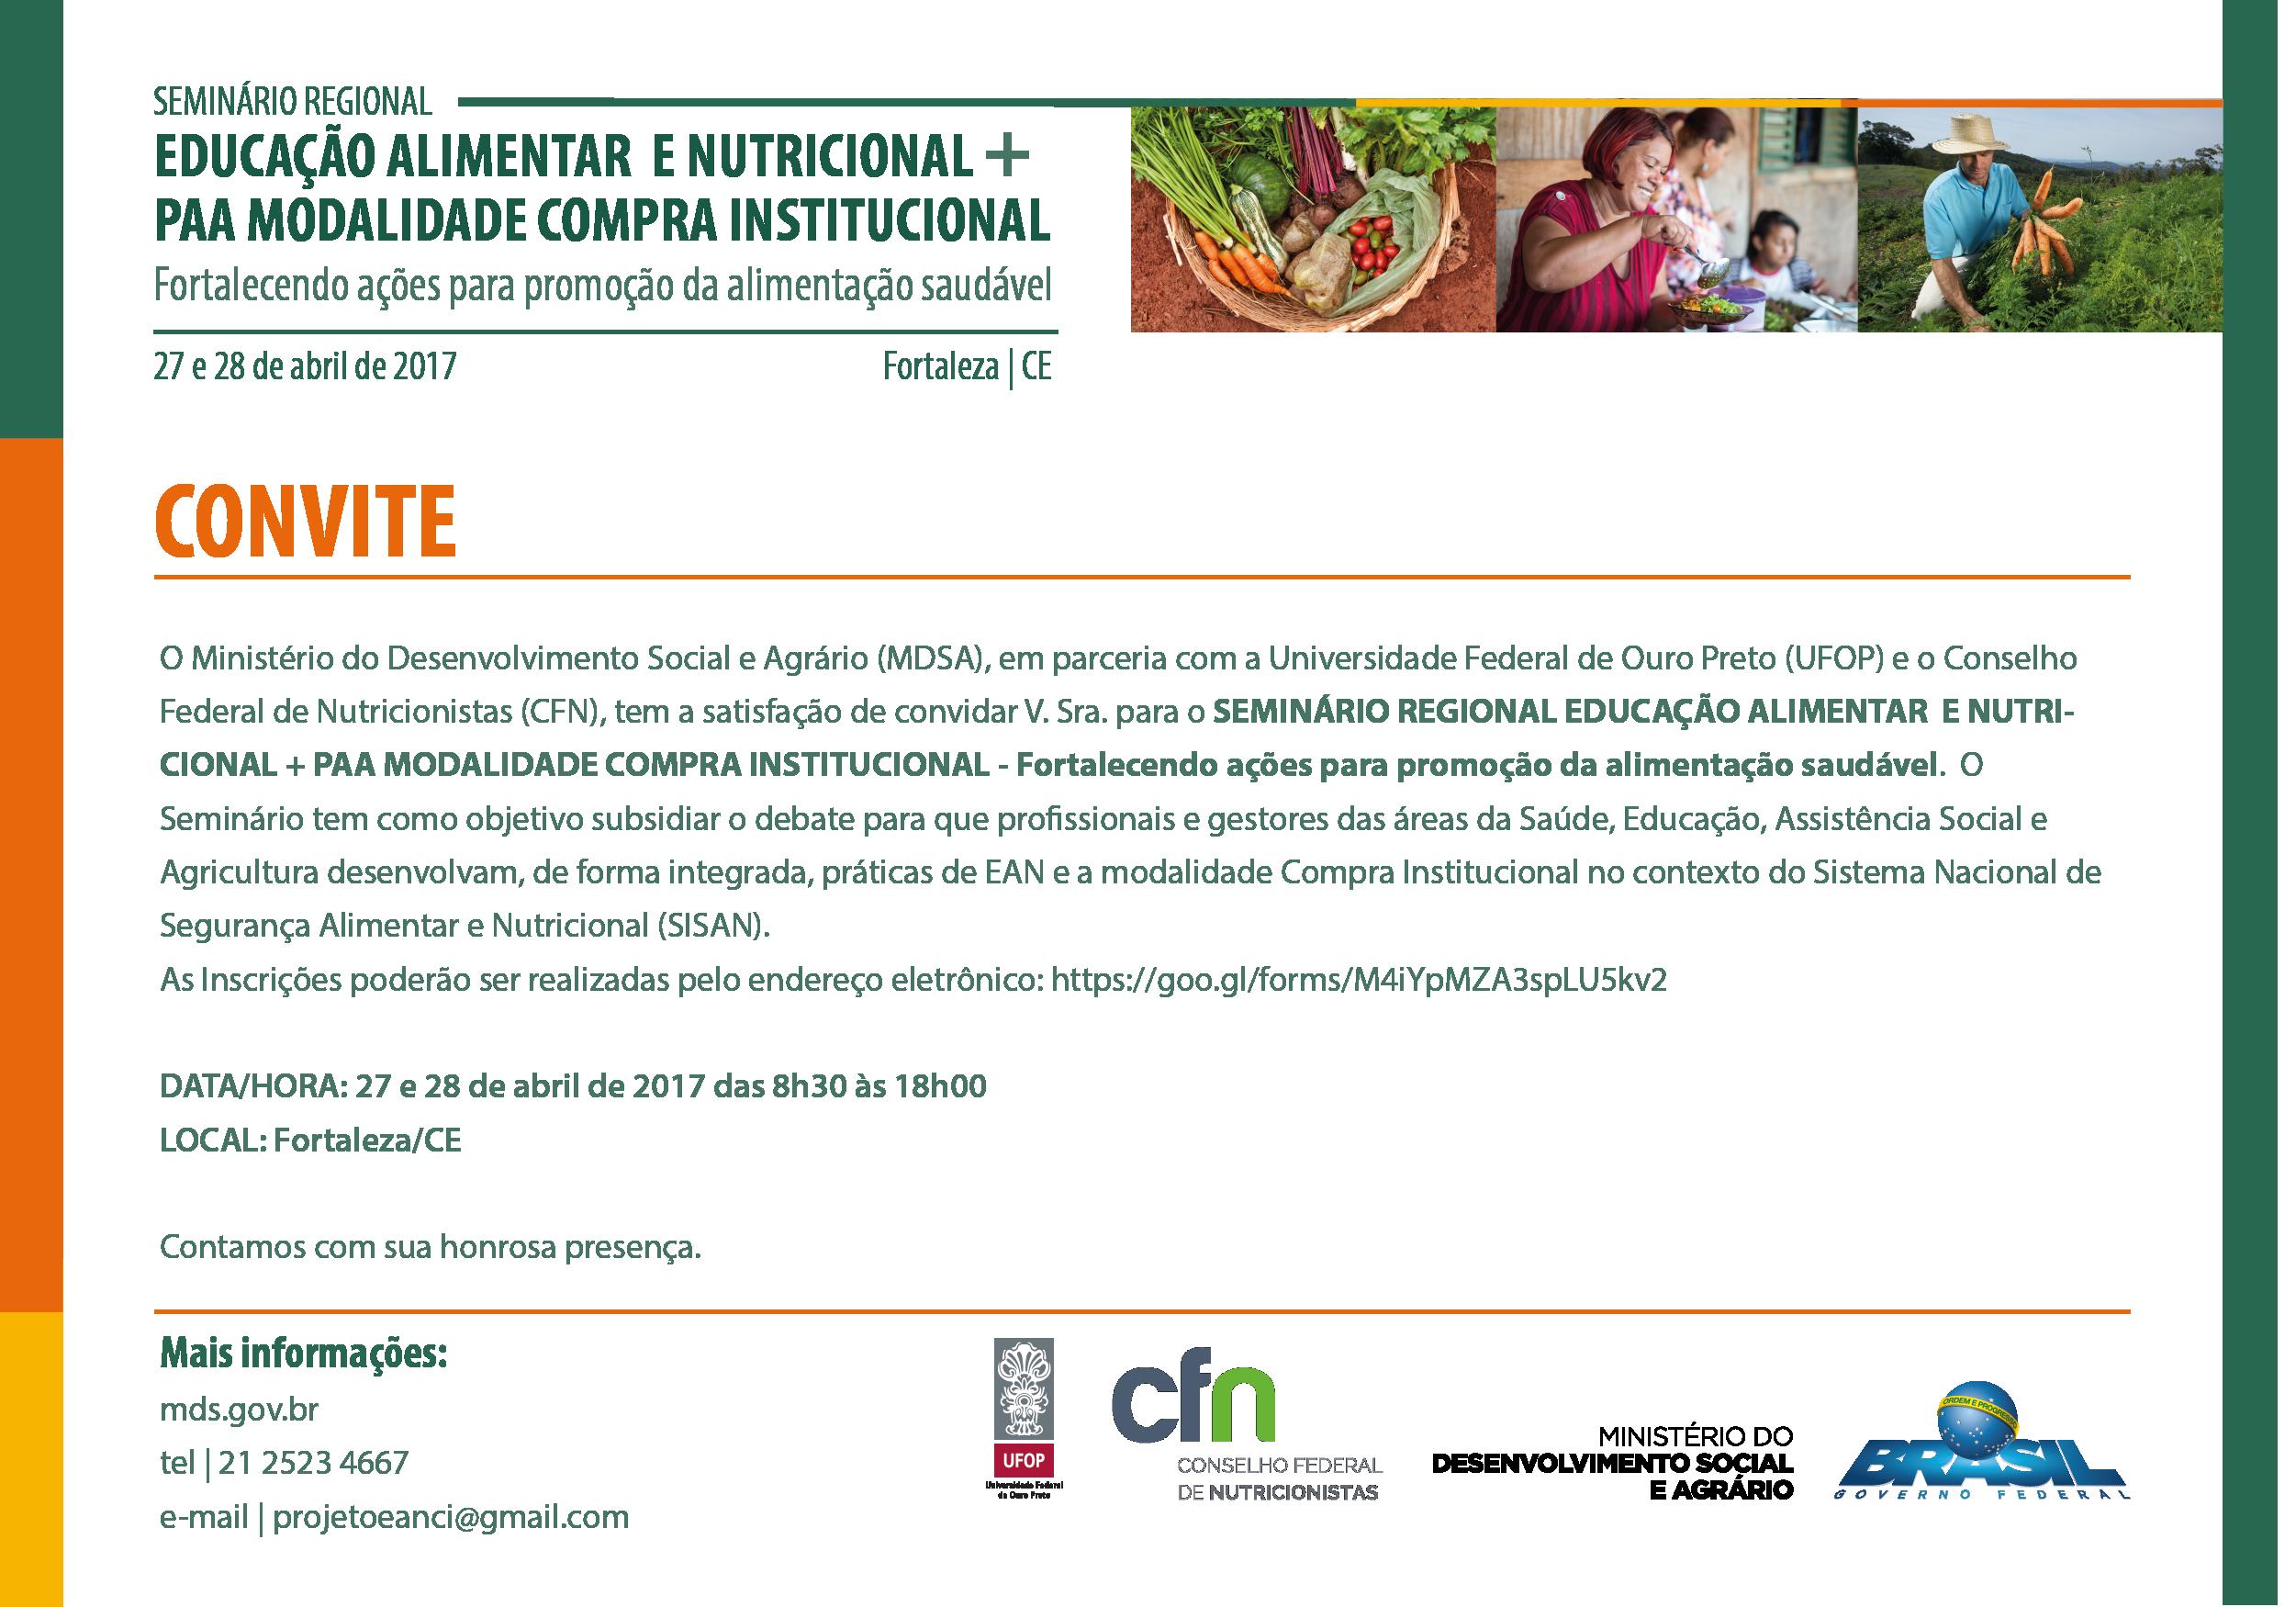 Convite CE EAN + COMPRA INSTITUCIONAL